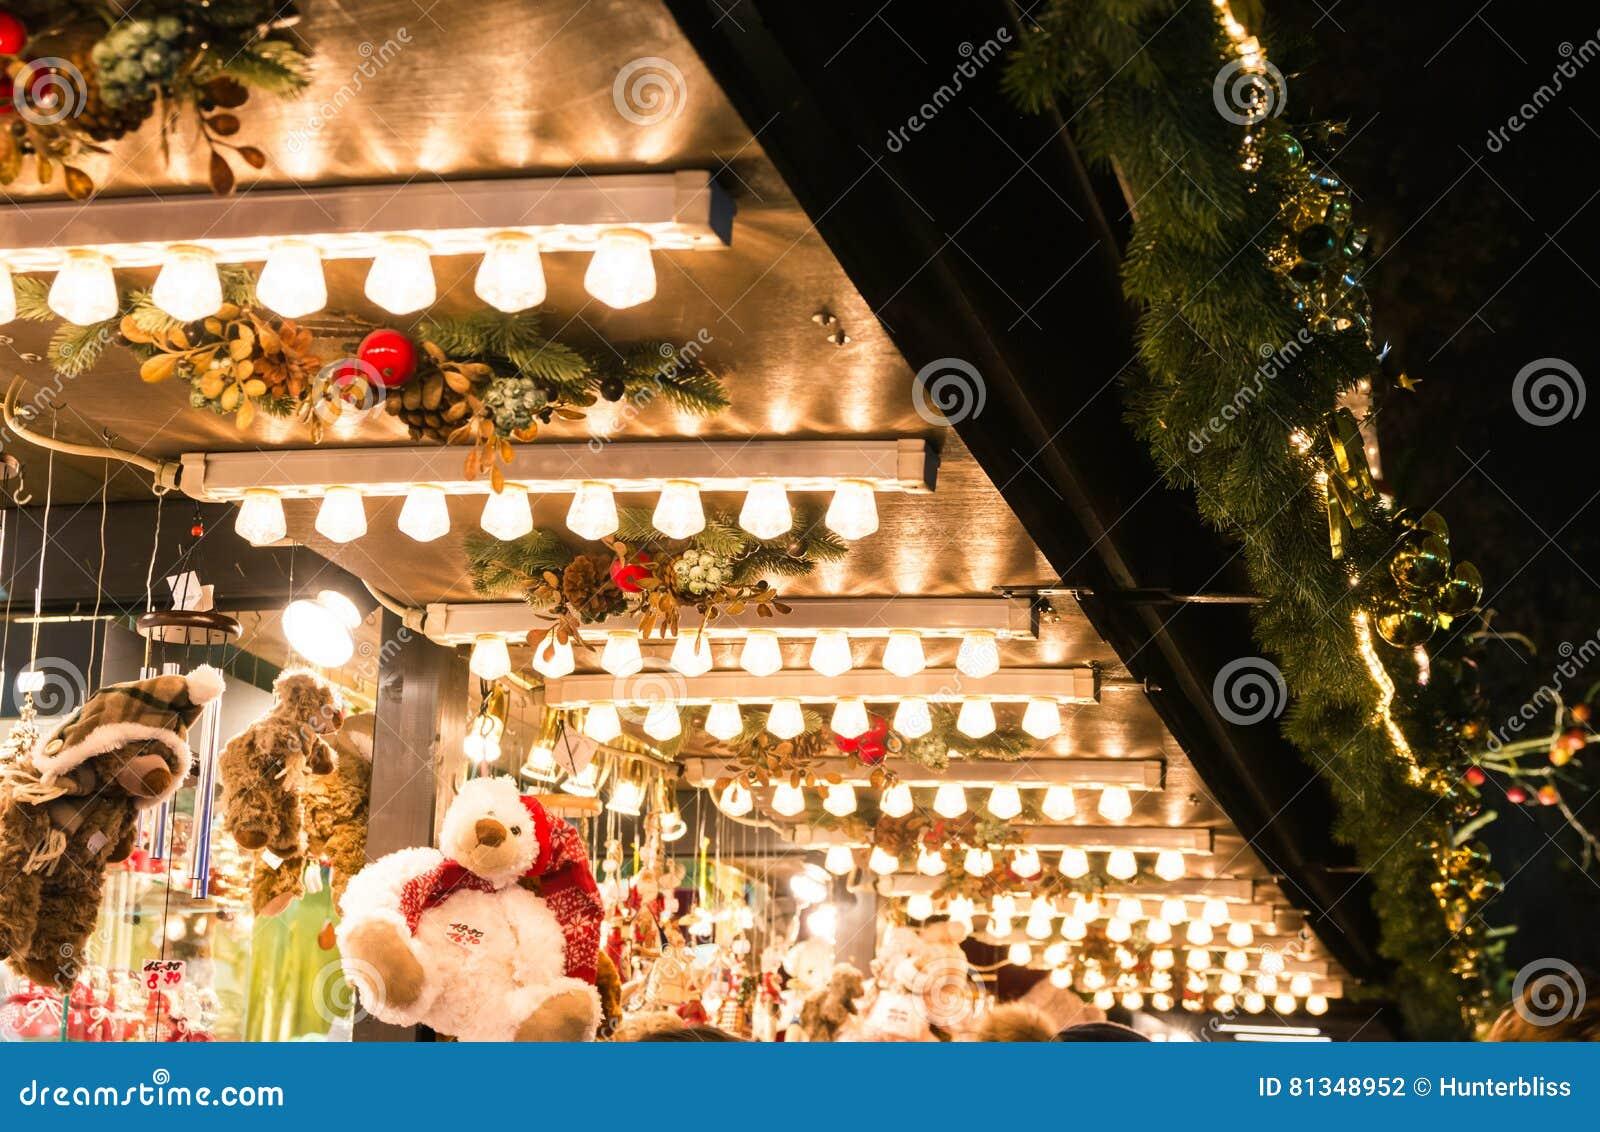 欧洲圣诞节市场细节光立场屋顶灯架子